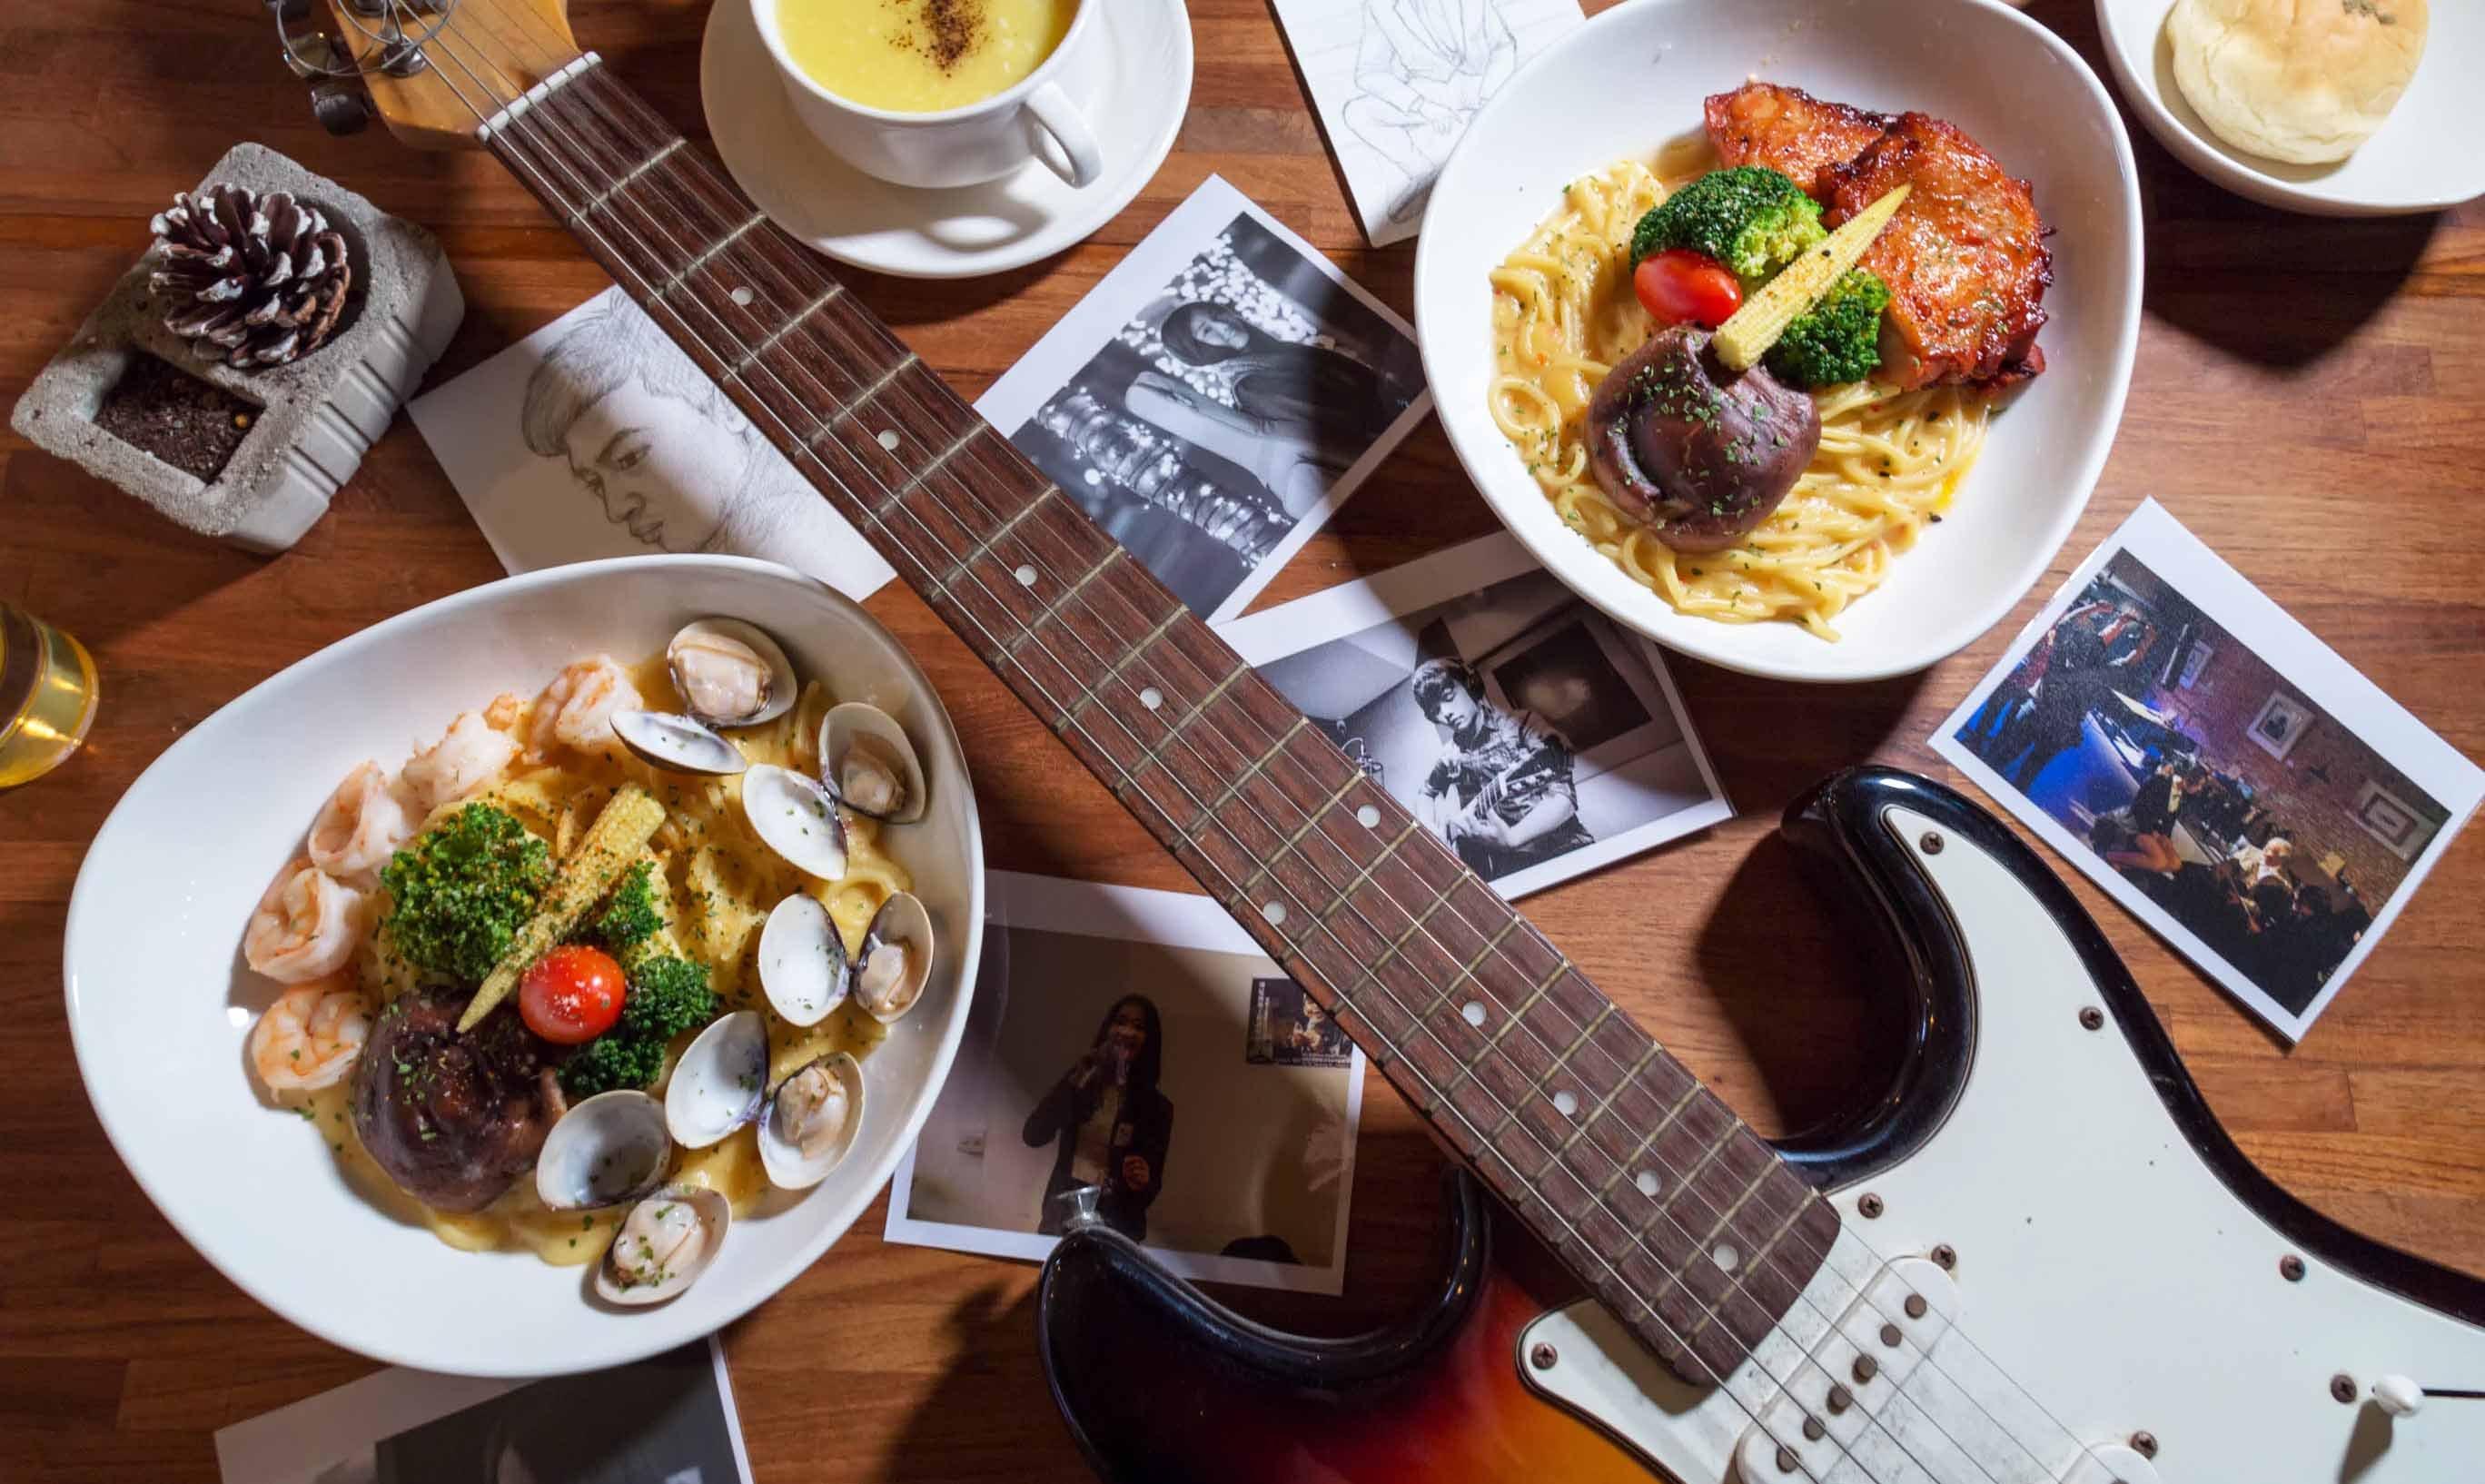 紅磚音樂餐廳-享受屬於你的夜 | 現場 400 元折抵